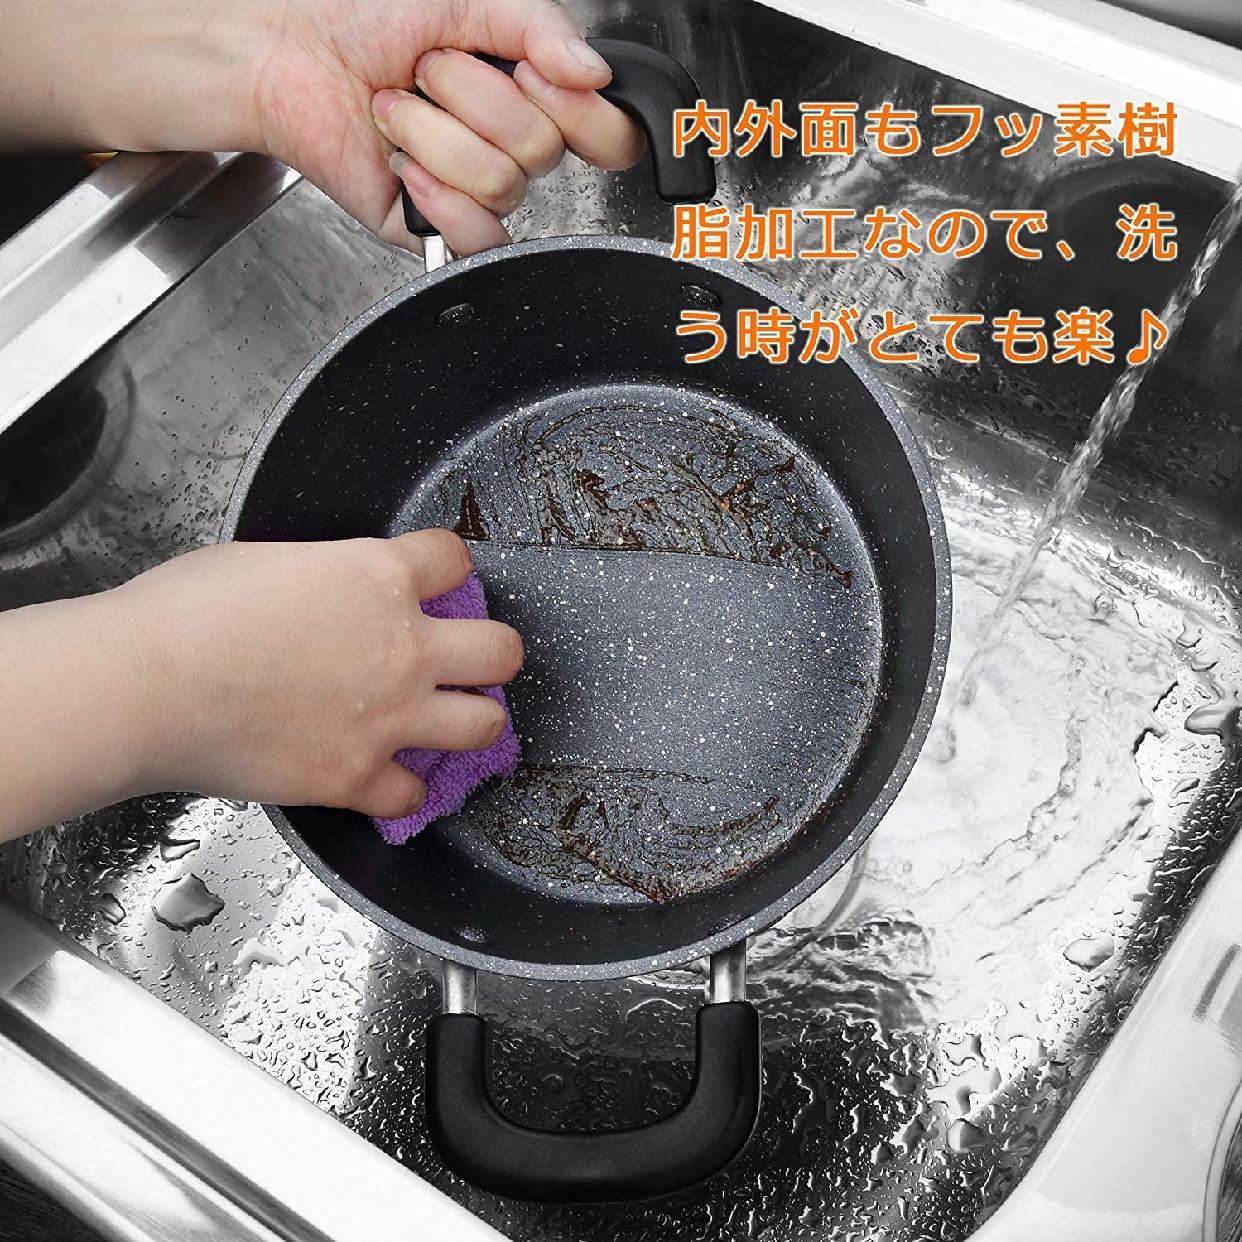 COOKSMARK(クックスマーク) 両手鍋ガラス鍋蓋付 20cm ブラック H-4237の商品画像6